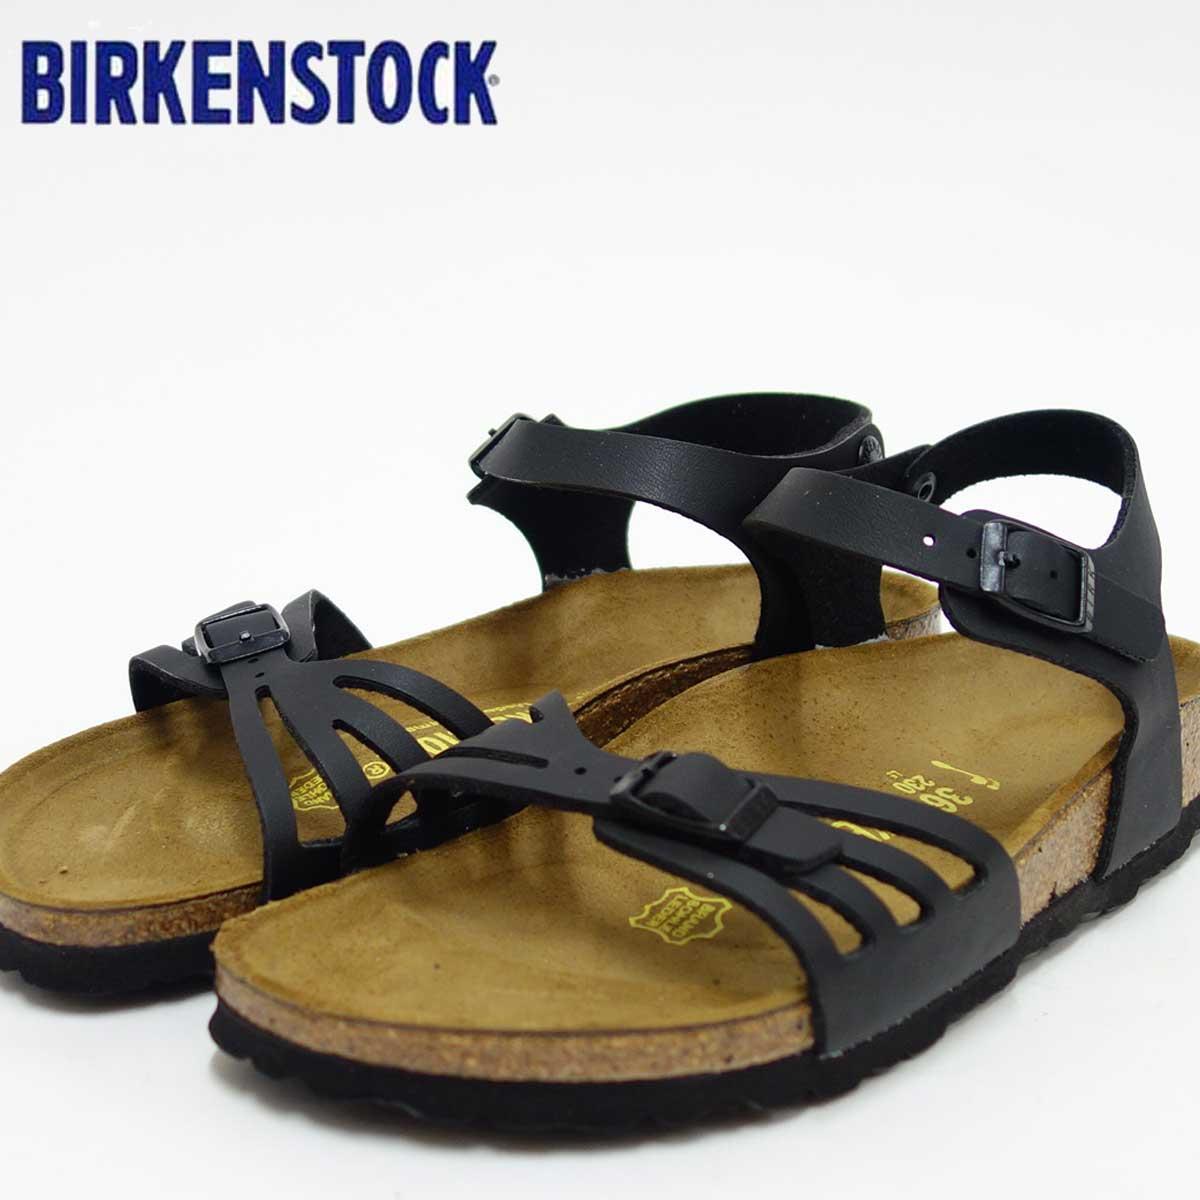 BIRKENSTOCK(ビルケンシュトック) Bali(バリ)085043(ビルコフロー/ブラック)ドイツ生まれの快適サンダル「靴」